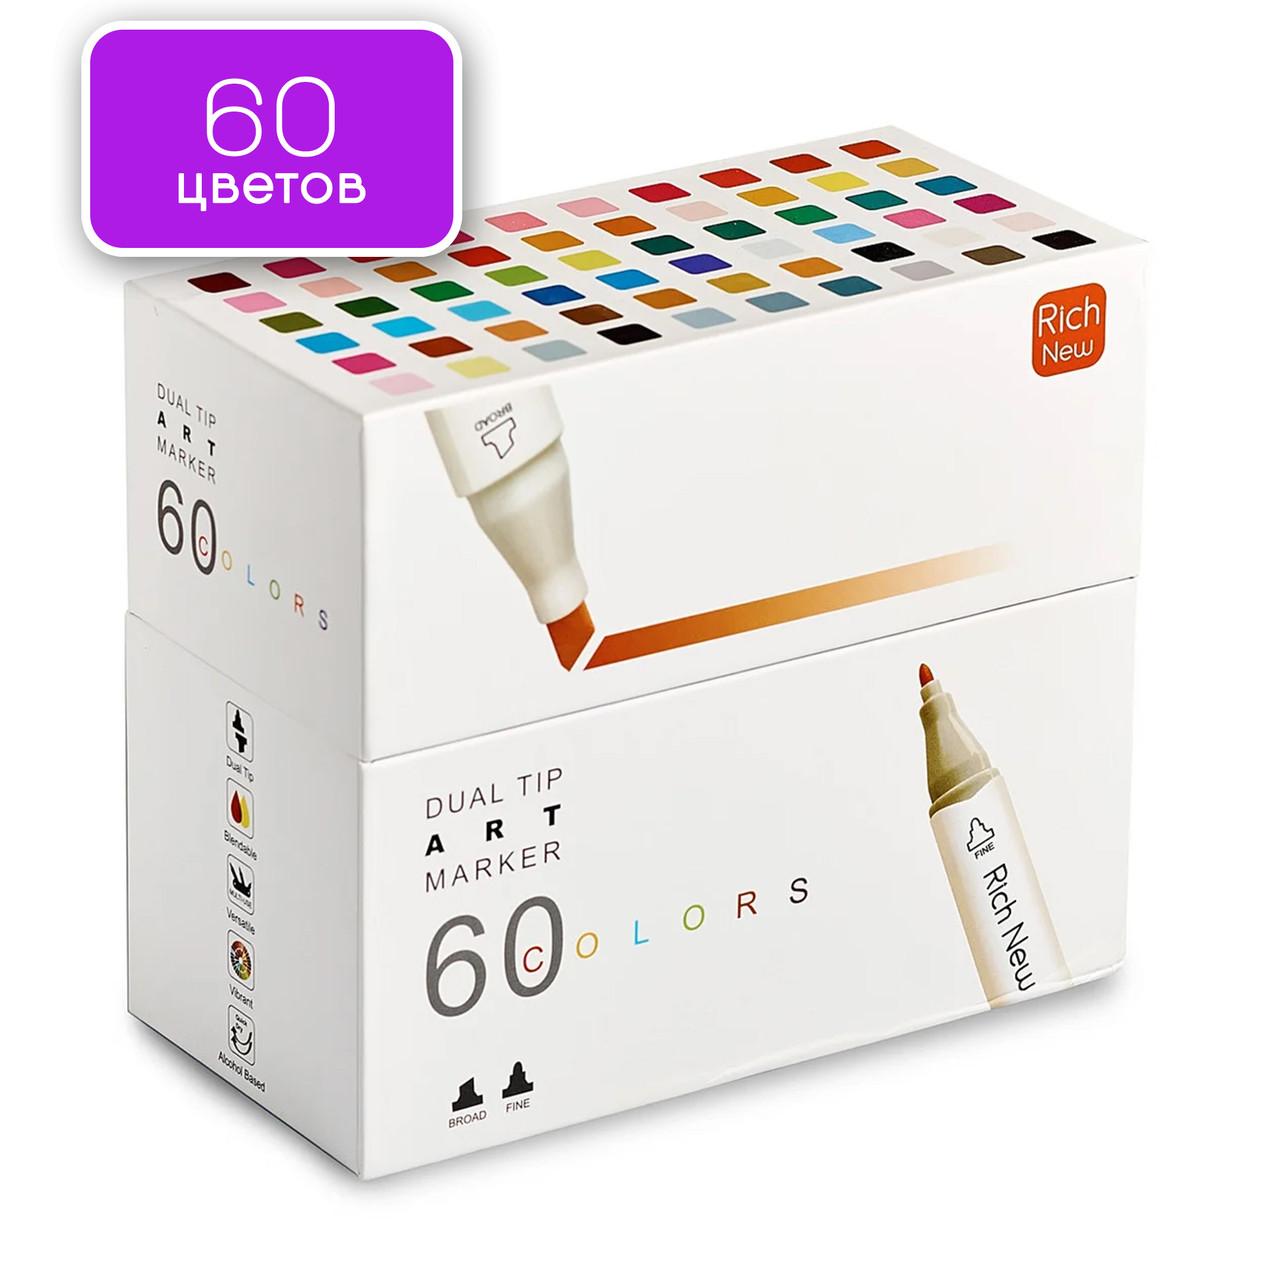 Набор двусторонних спиртовых маркеров 60 цветов Rich New, профессиональные фломастеры 60 штук для дизайнеров